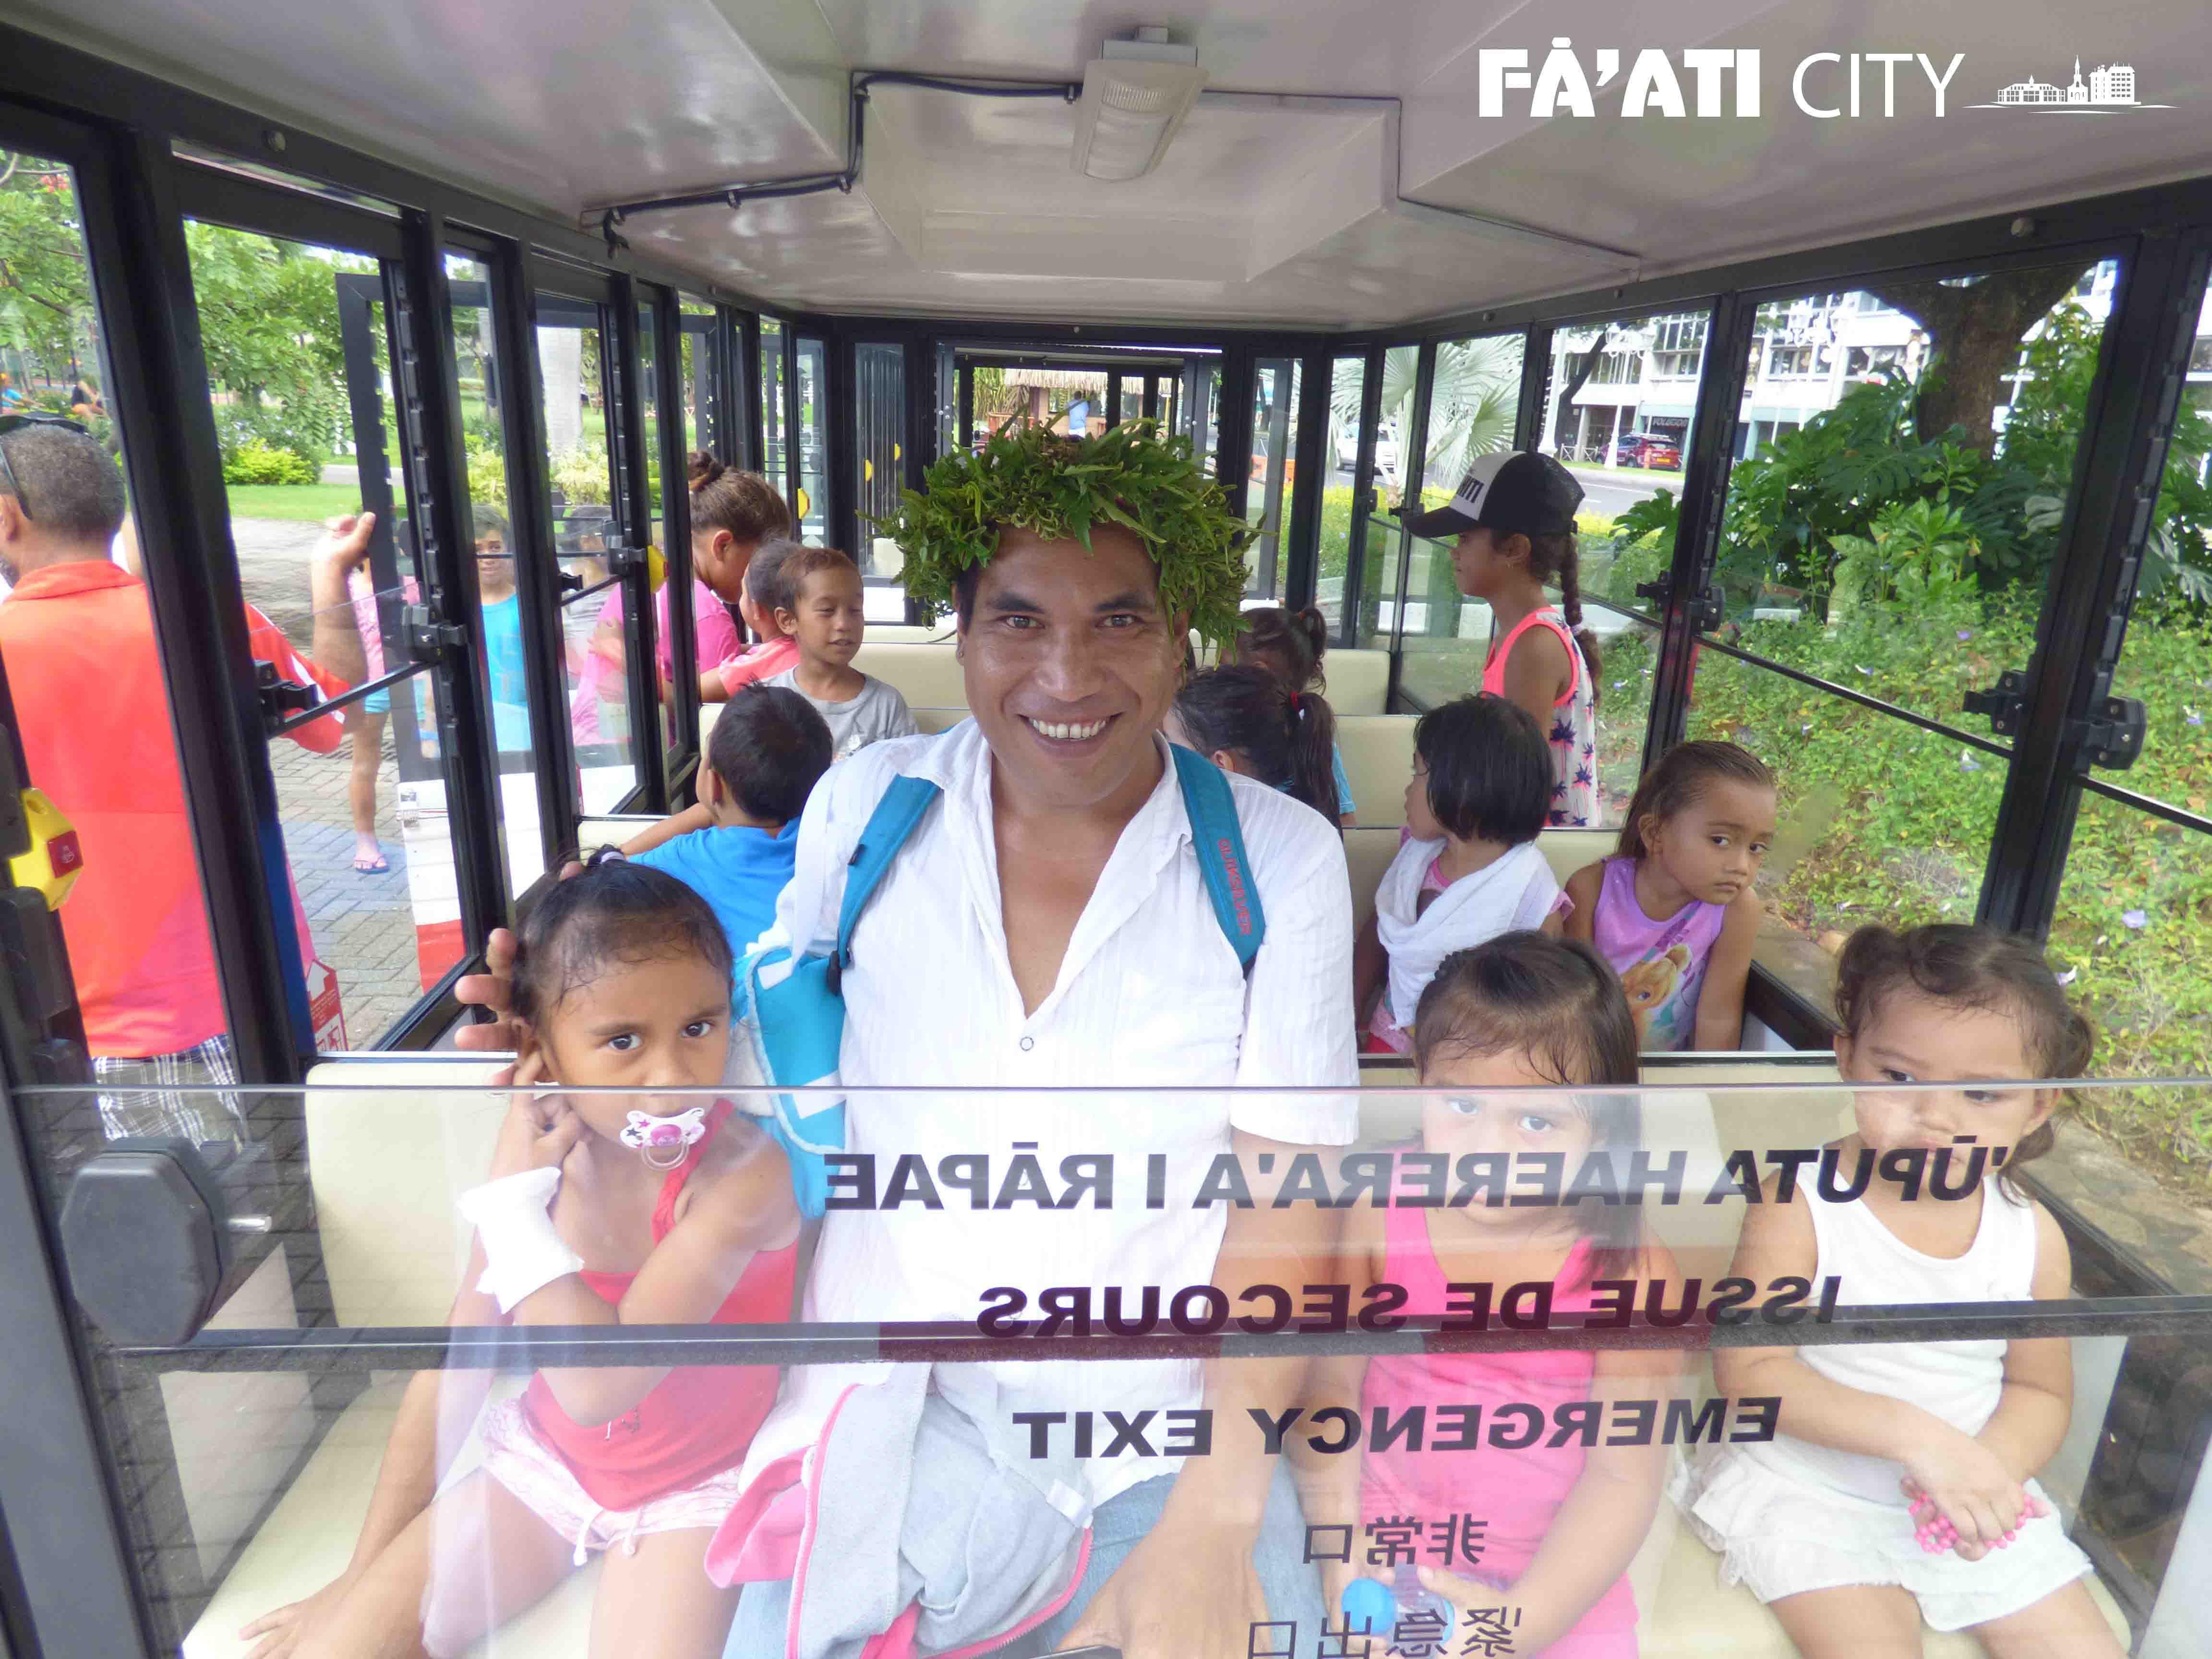 Tour privé de Papeete. Découverte de la ville pour les enfants.